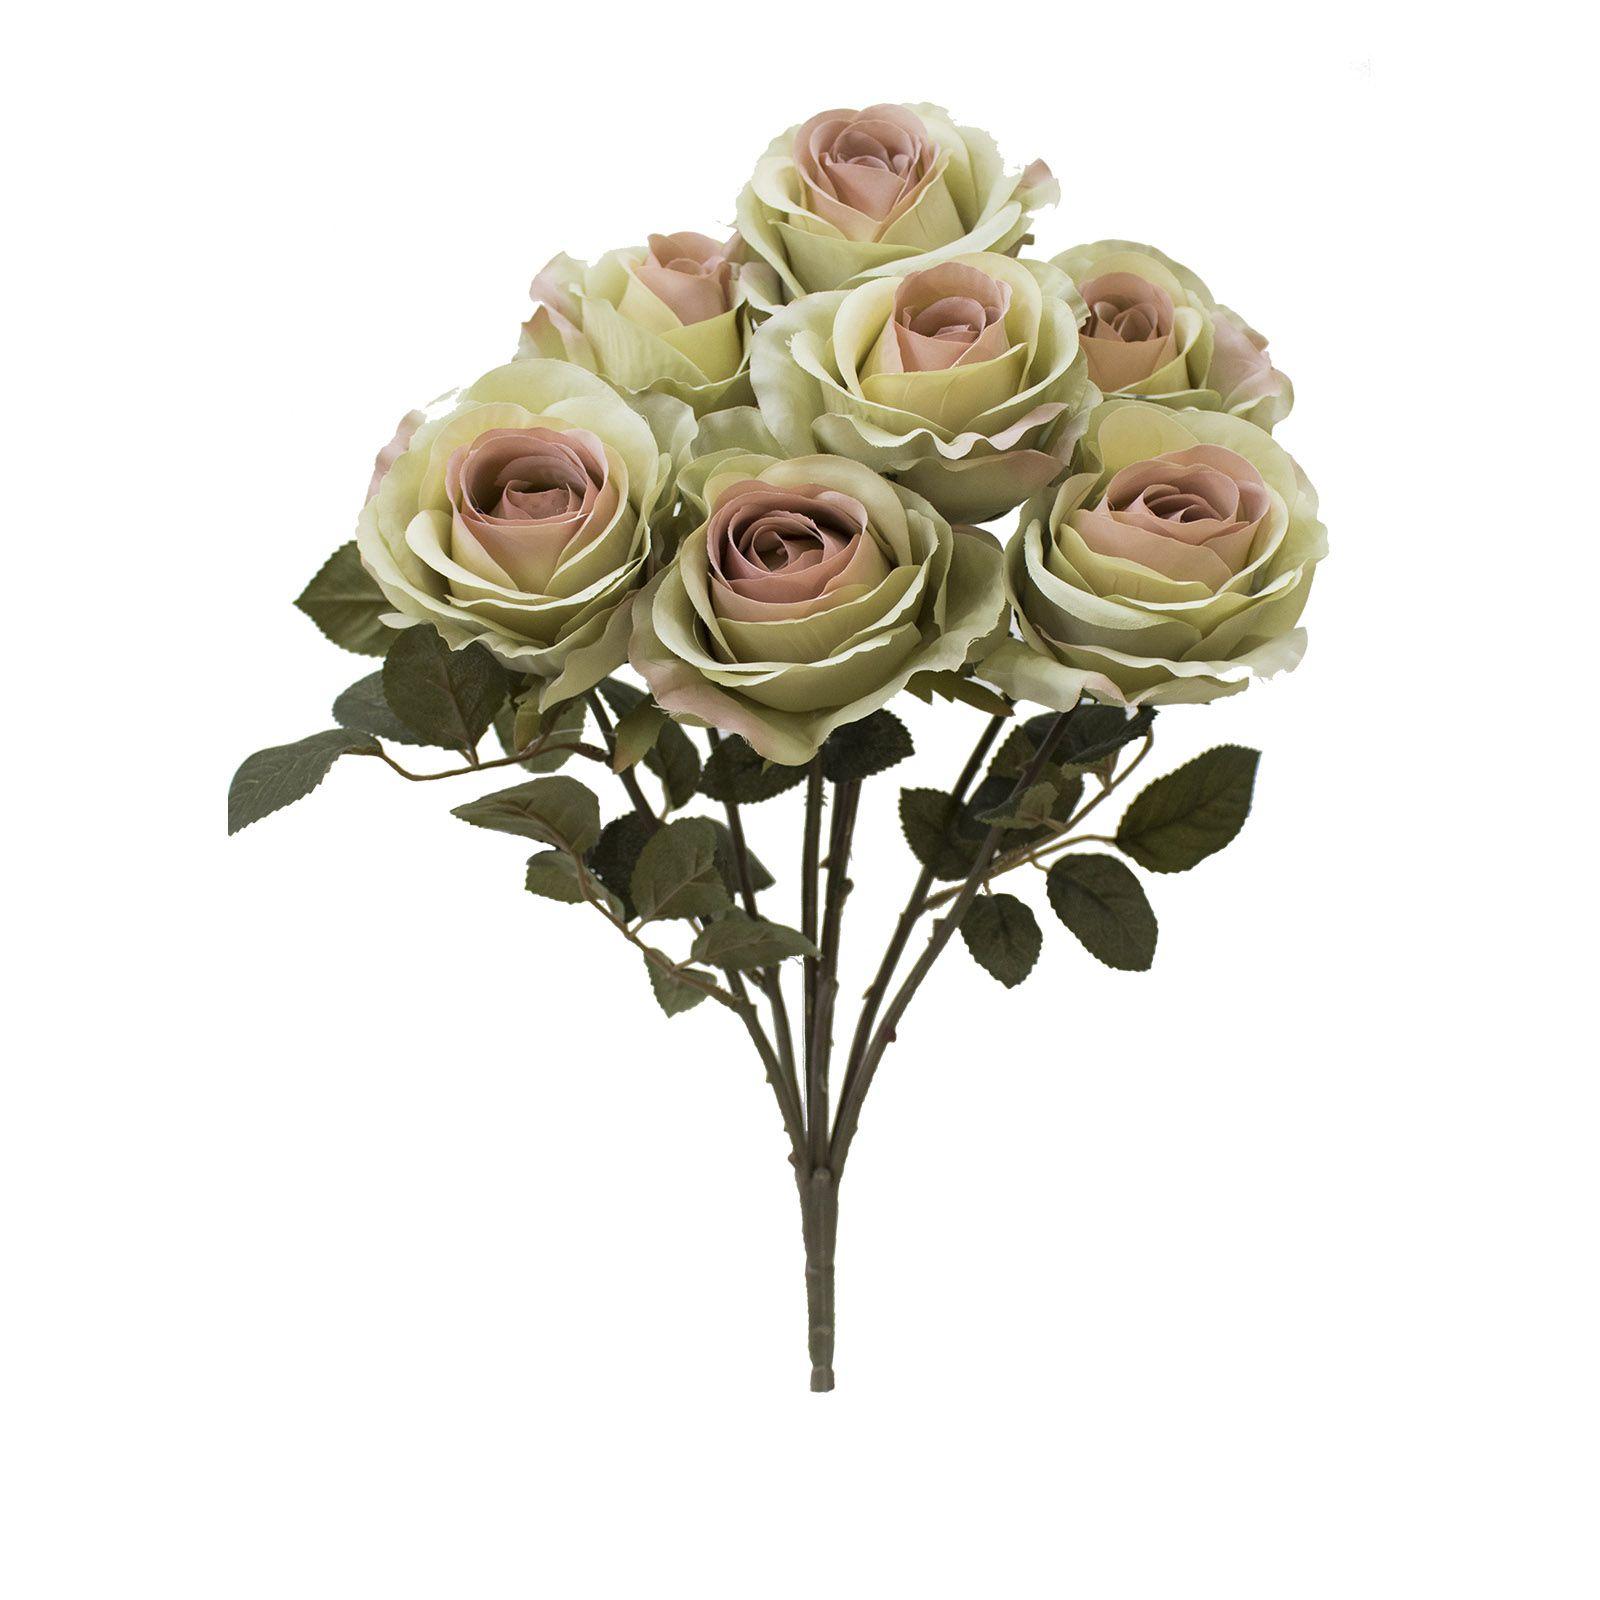 Flores artificiais Buquê de Rosas Envelhecidas Amarelo |Linha permanente Formosinha